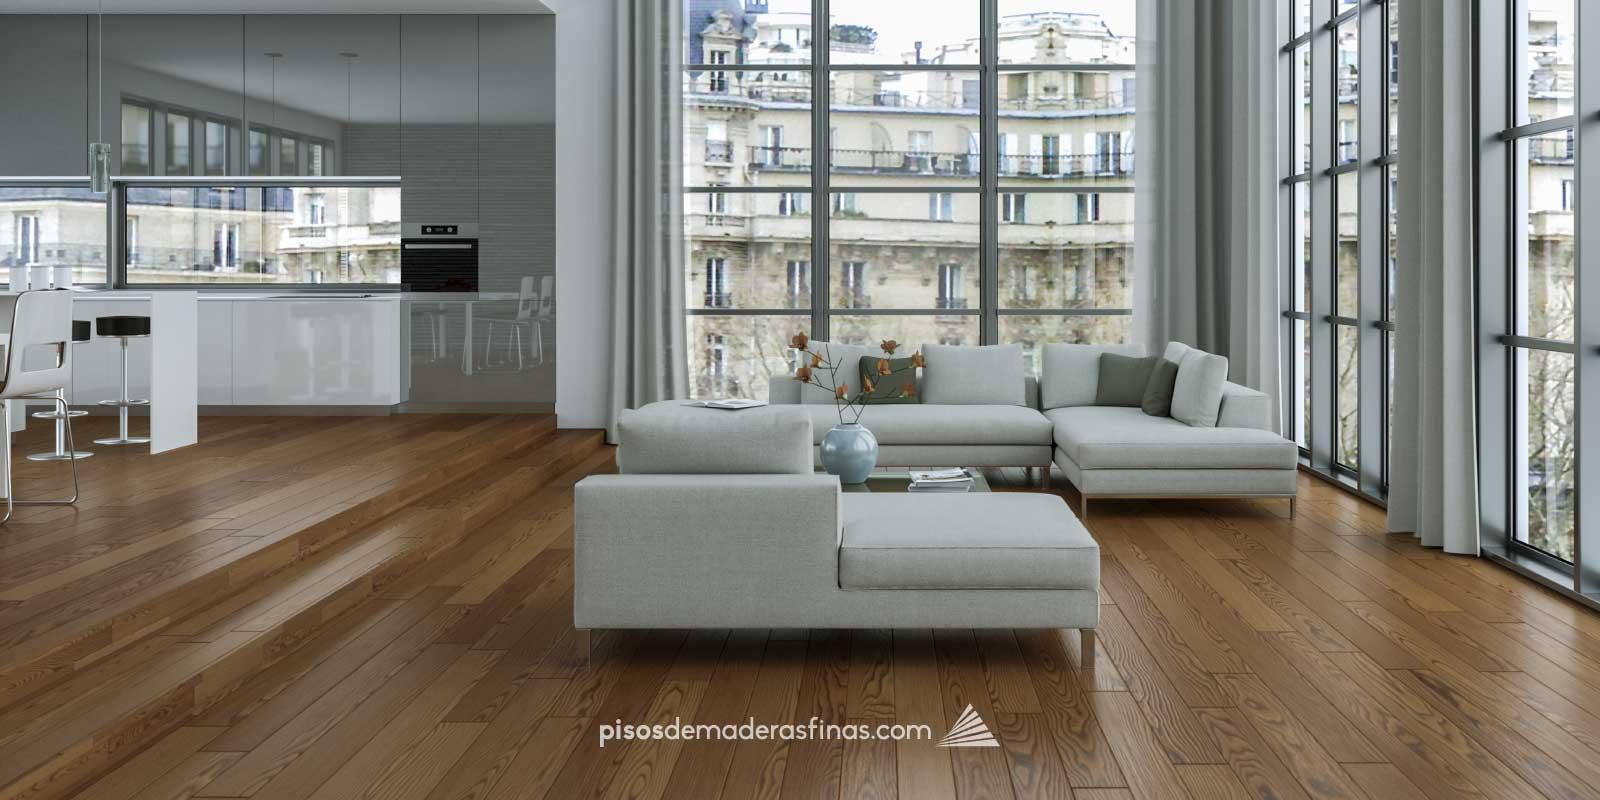 Duelas s lidas de maderas finas pisos de madera para - Duelas de madera ...